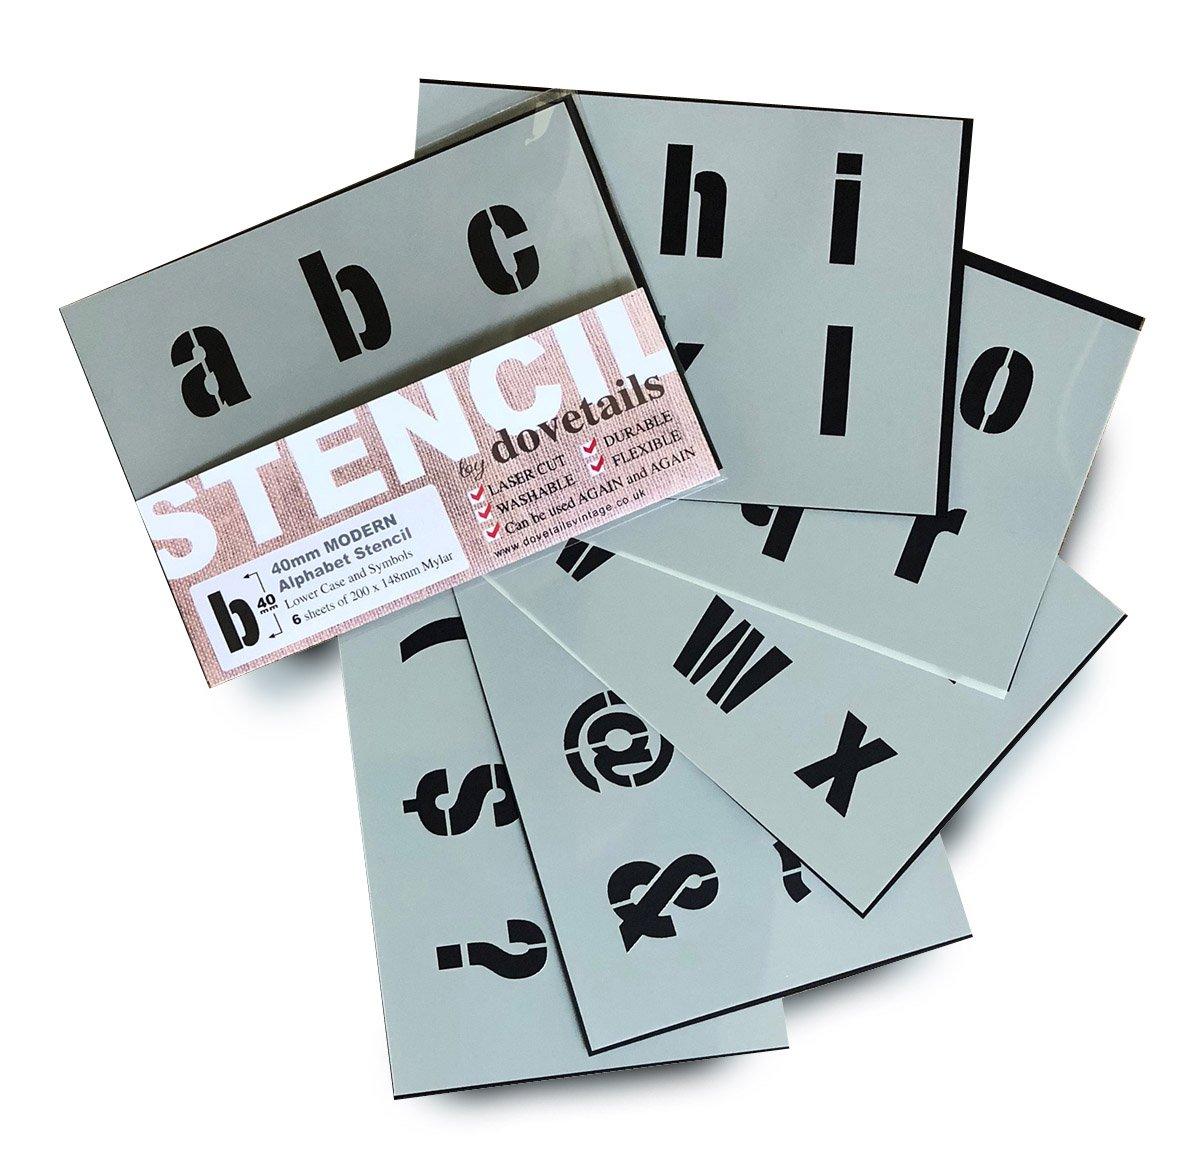 Moderna minuscole Con lettere dell' alfabeto e simboli, altezza 4 cm - su 6 fogli di 200 x 148 mm Dovetails